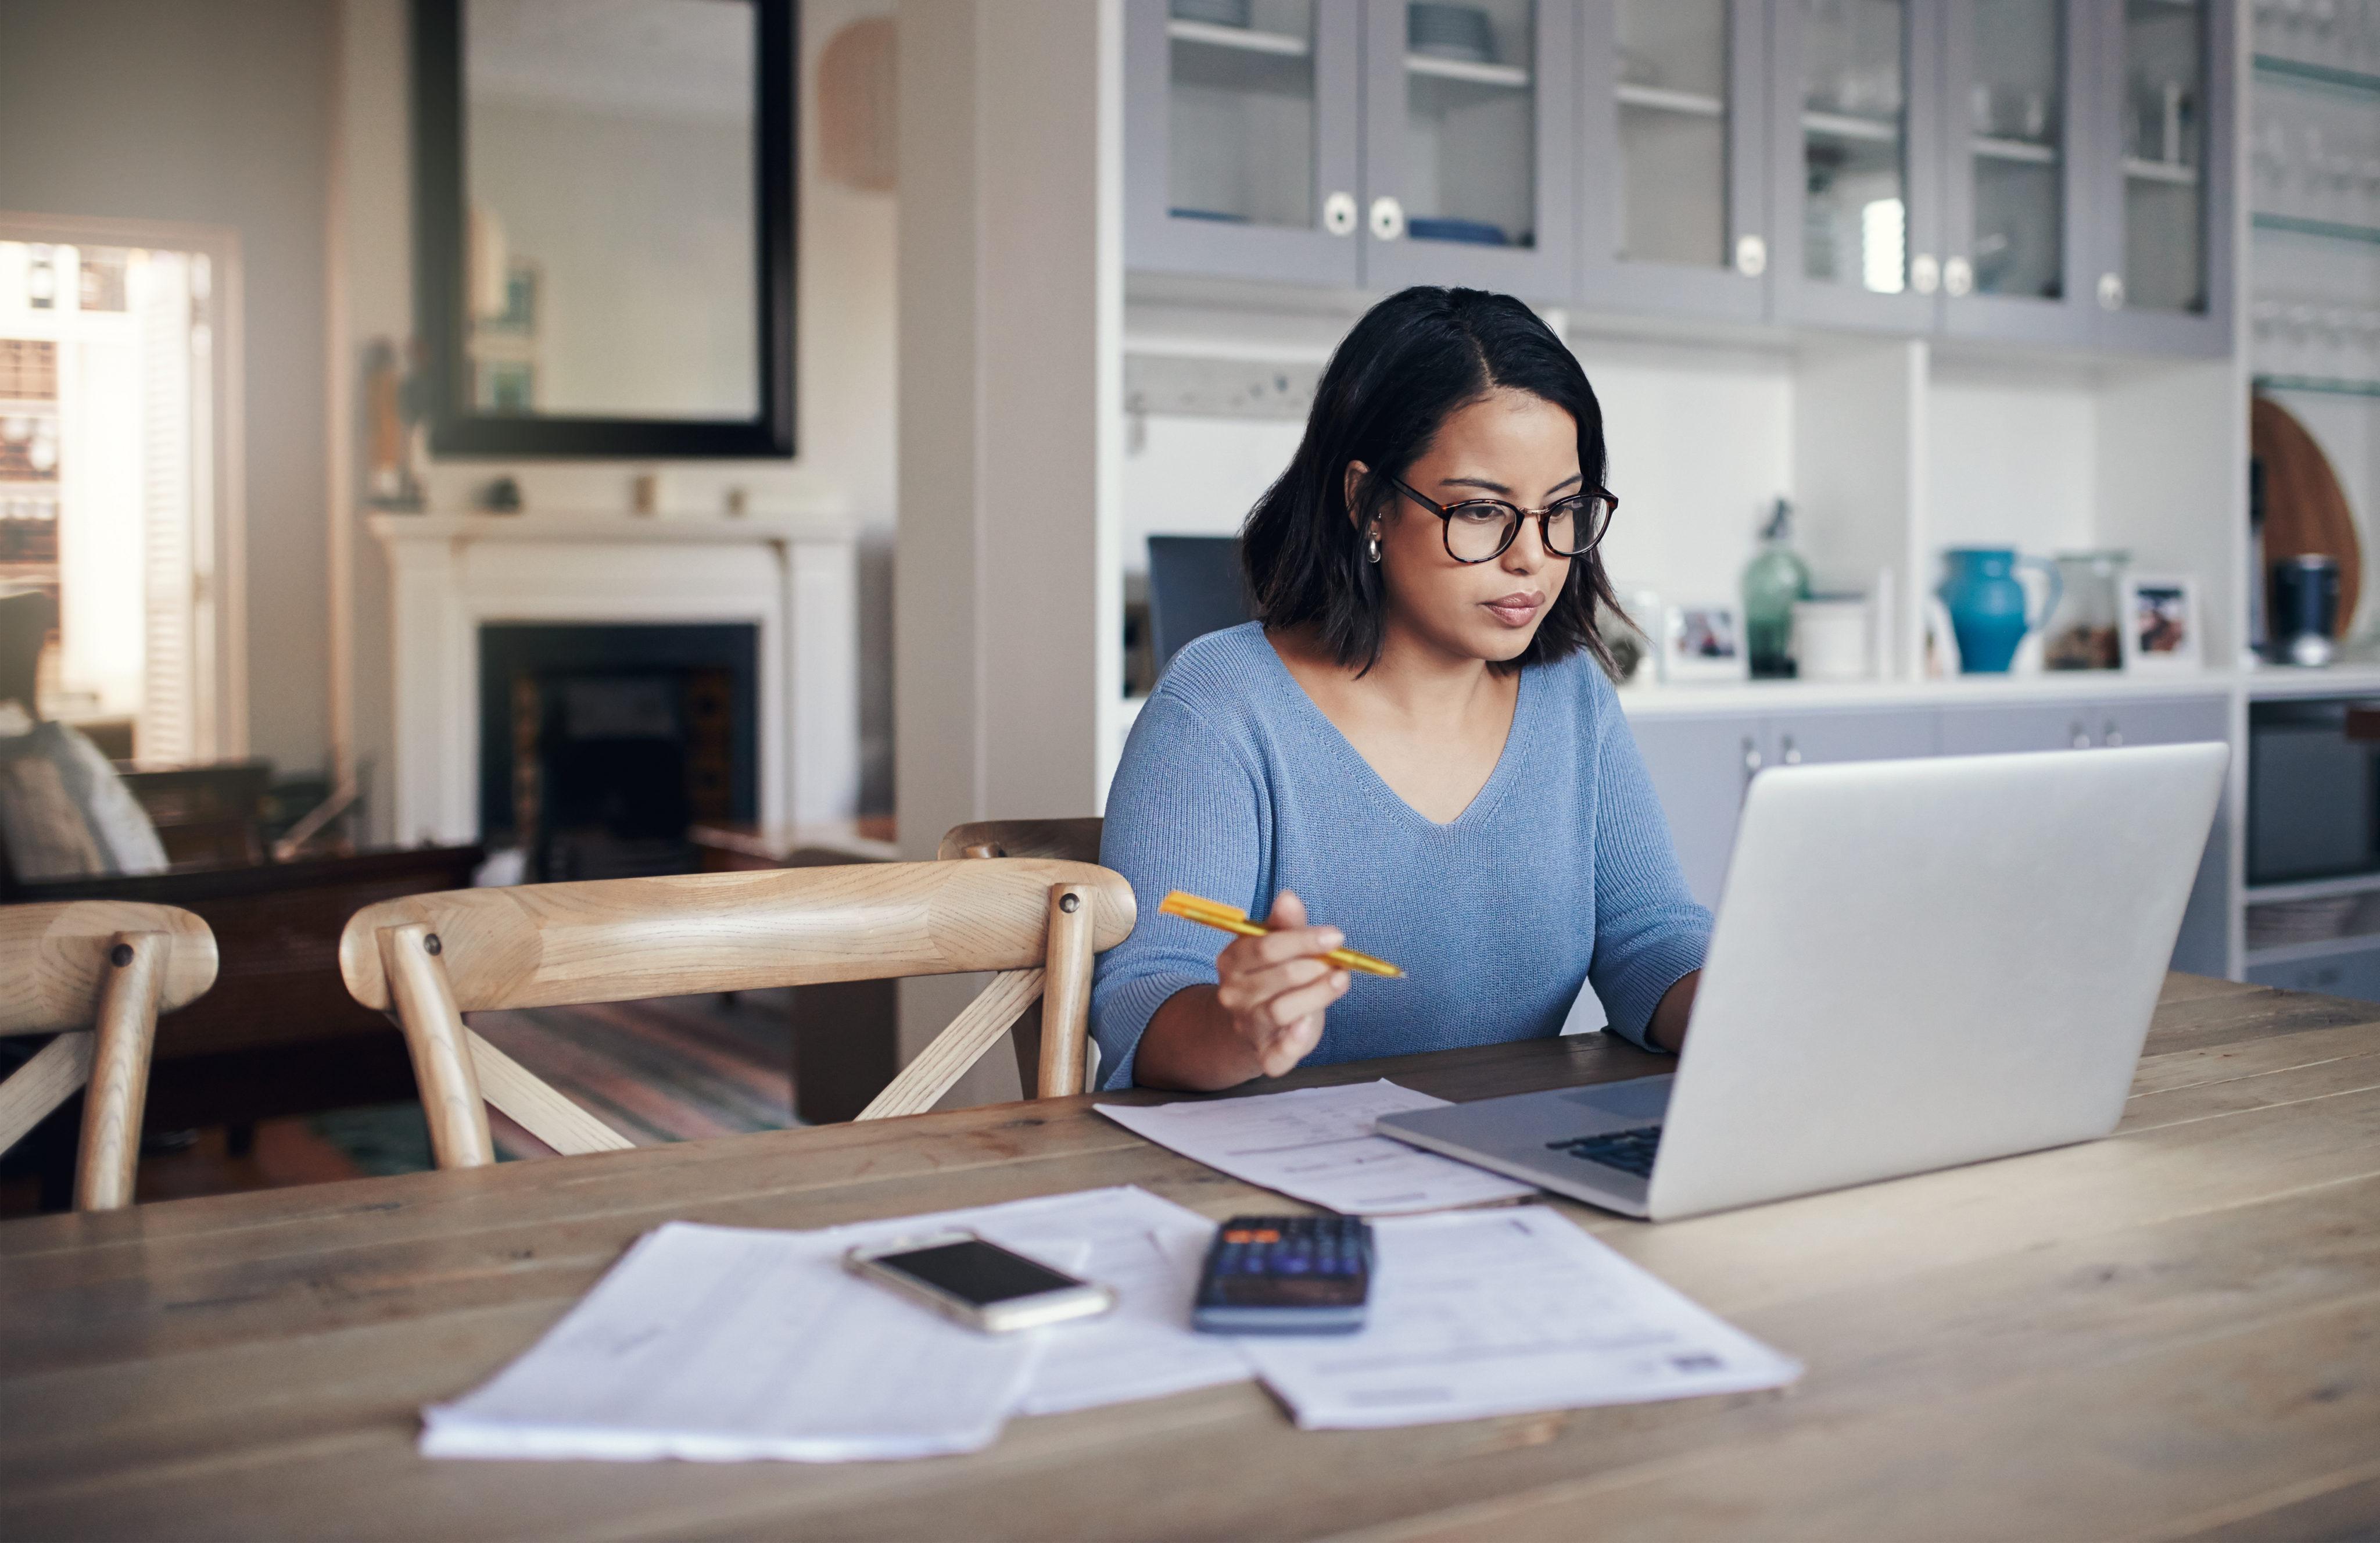 Financiamento ou empréstimo? Quais as diferenças?